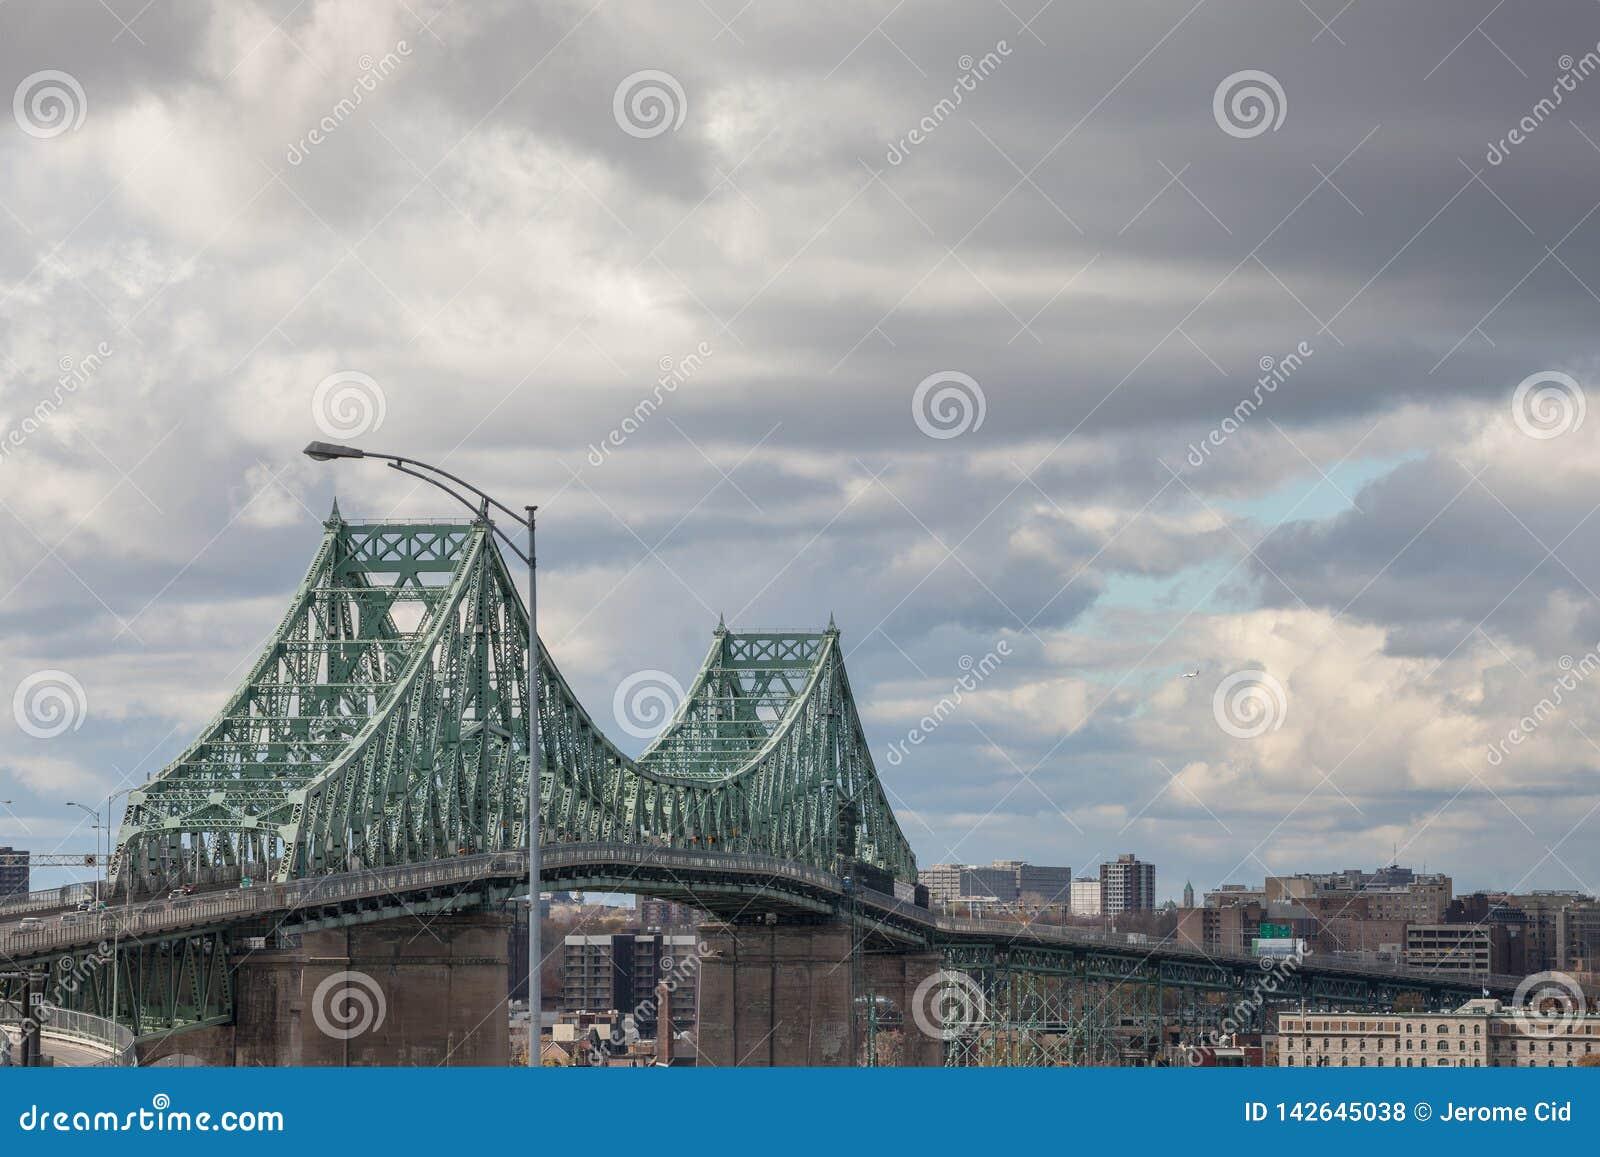 Pont Jacques Cartier Brücke eingelassenes Longueuil in Richtung Montreals, in Quebec, Kanada, während eines bewölkten Nachmittage